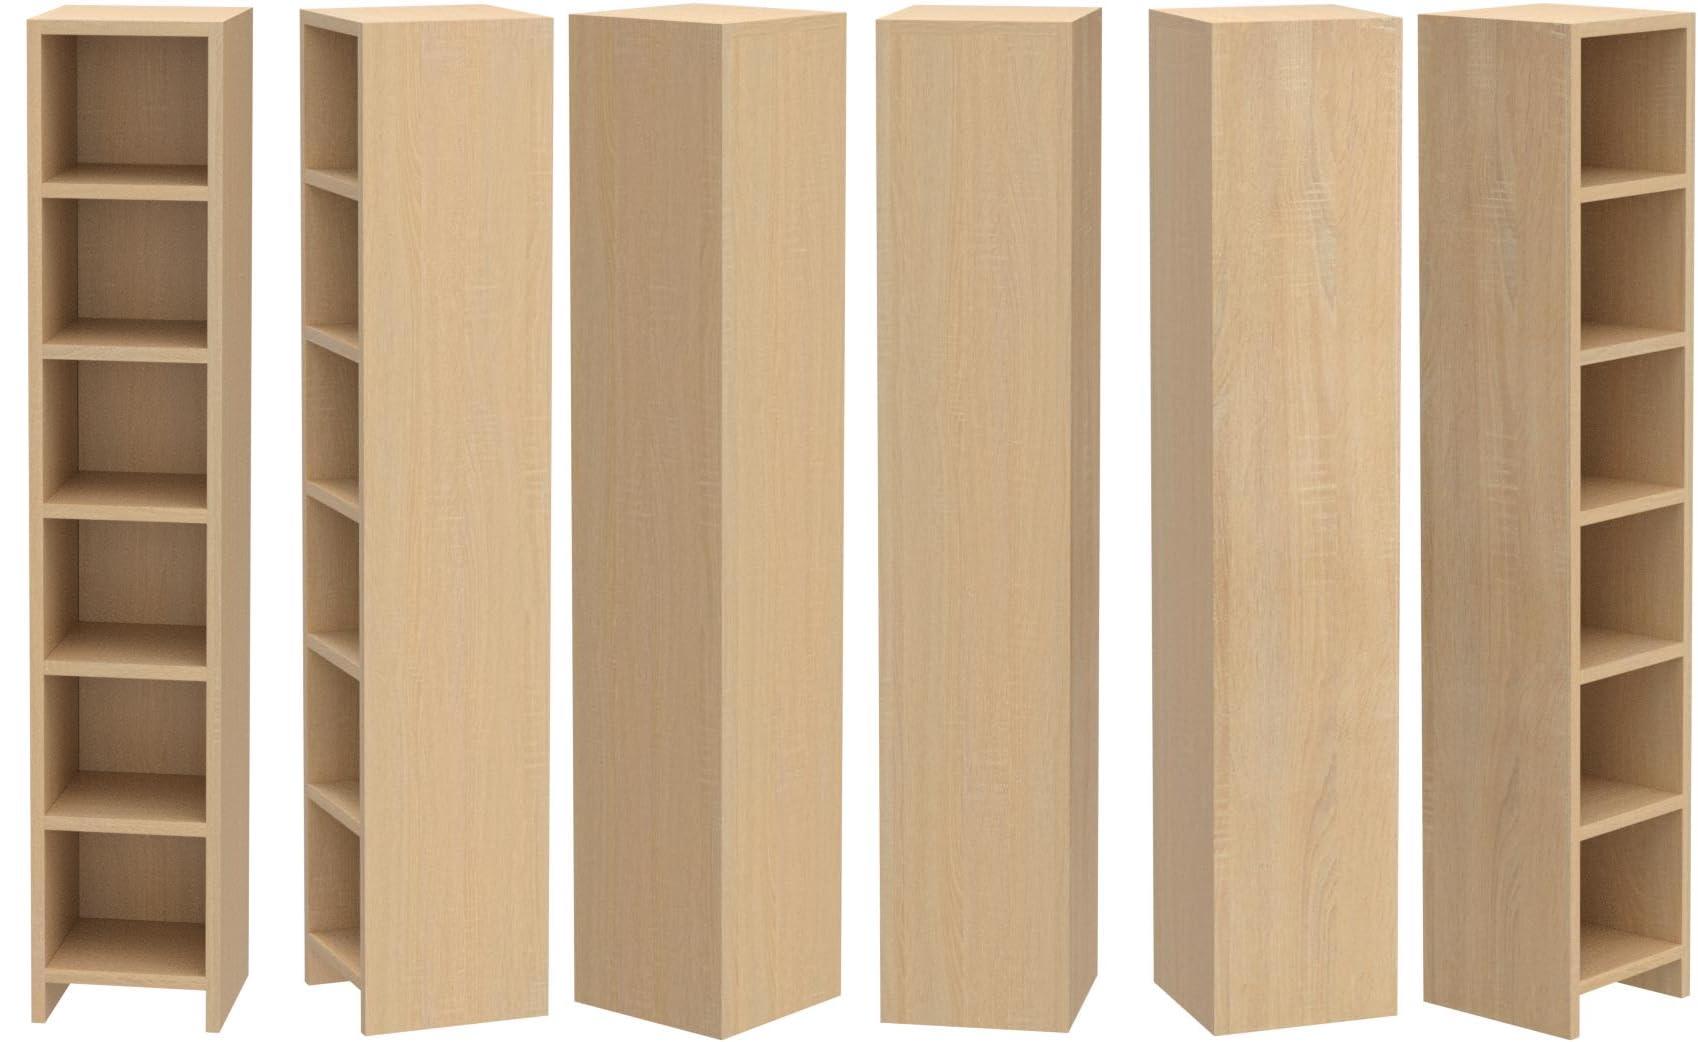 ts-ideen – Estantería con 6 casillas para CD, aspecto de madera de roble, 105 x 20 cm